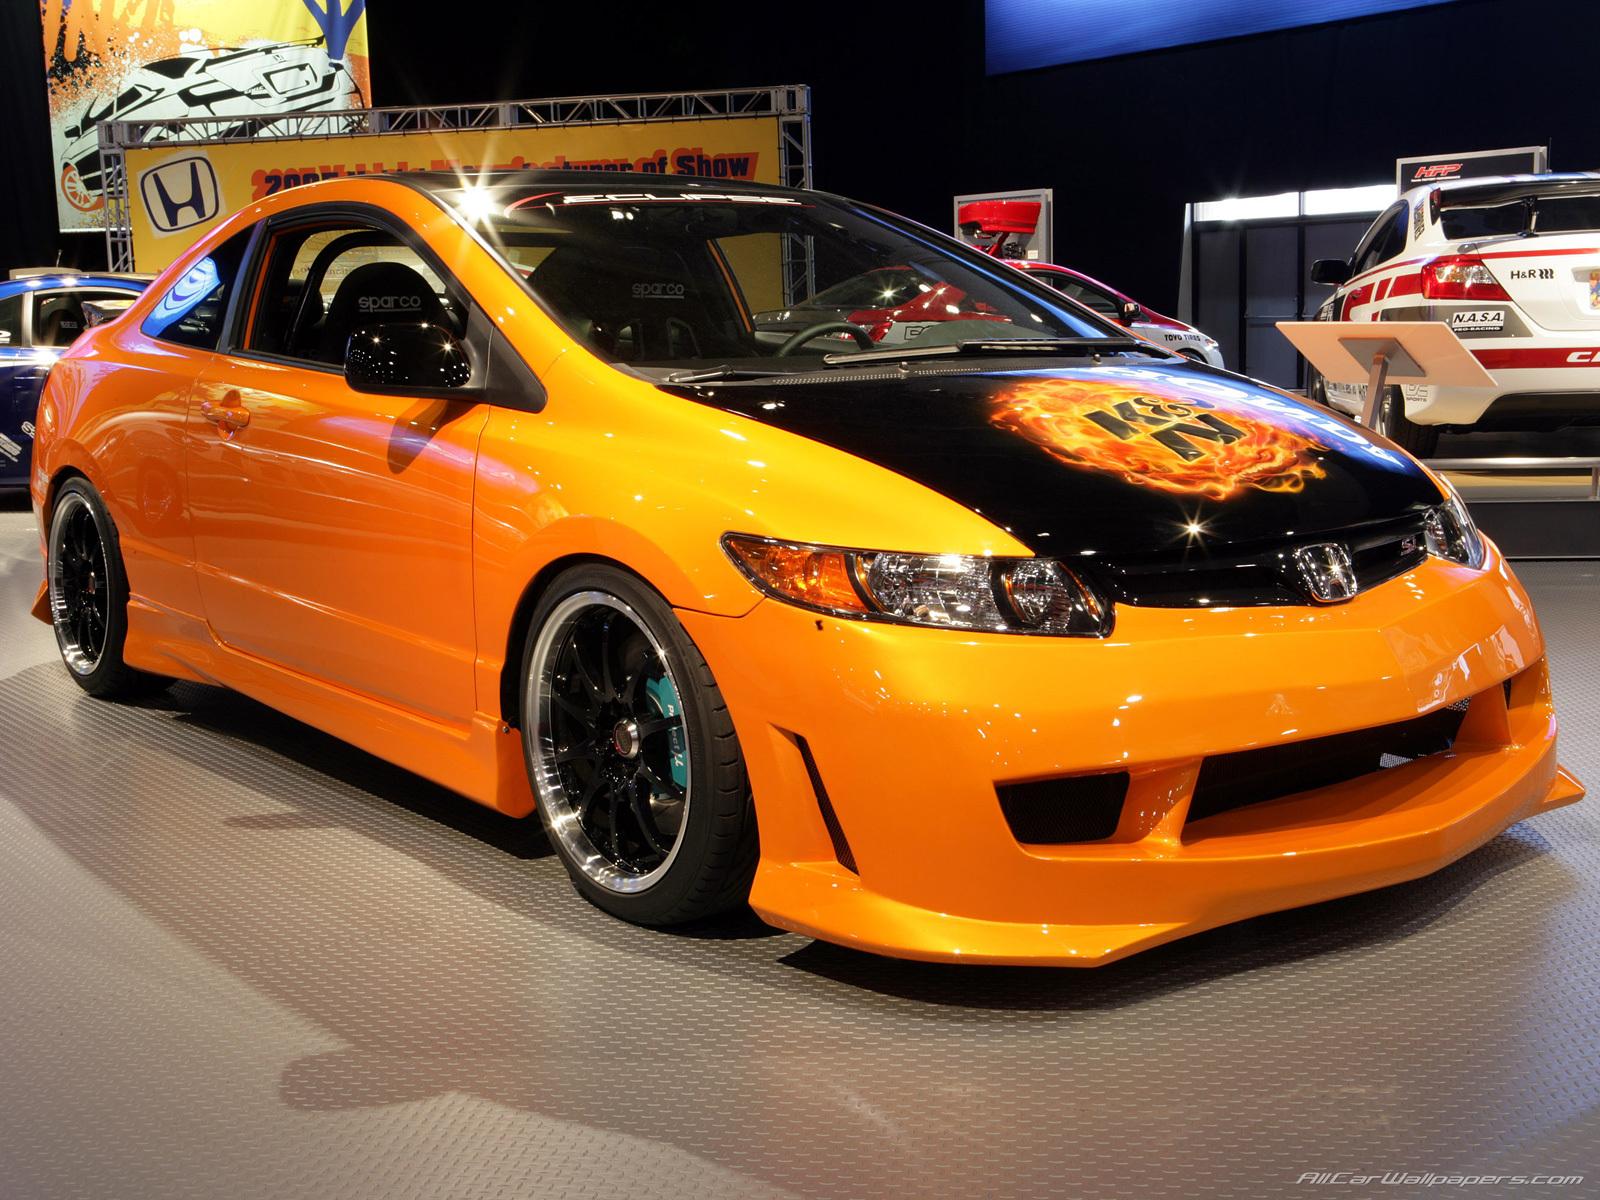 Honda Civic Bildhonda Civic Tuningsema 2997